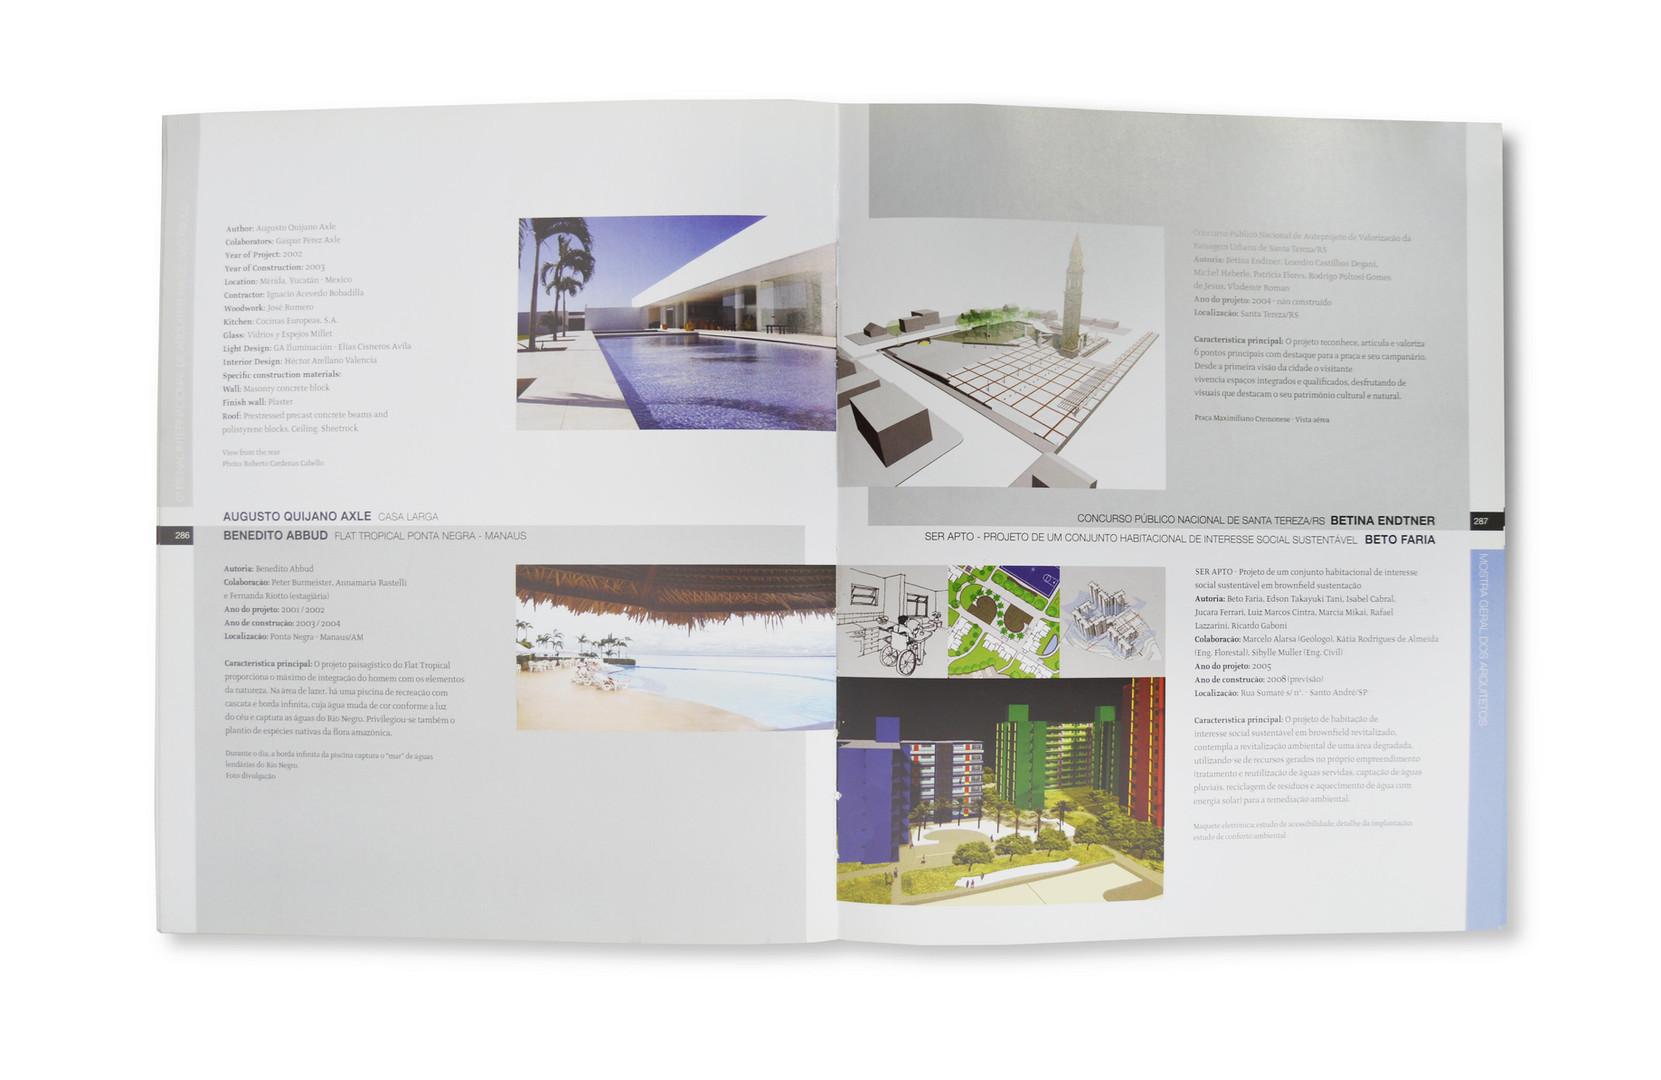 6 bienal de arq de sp - artigo.jpg